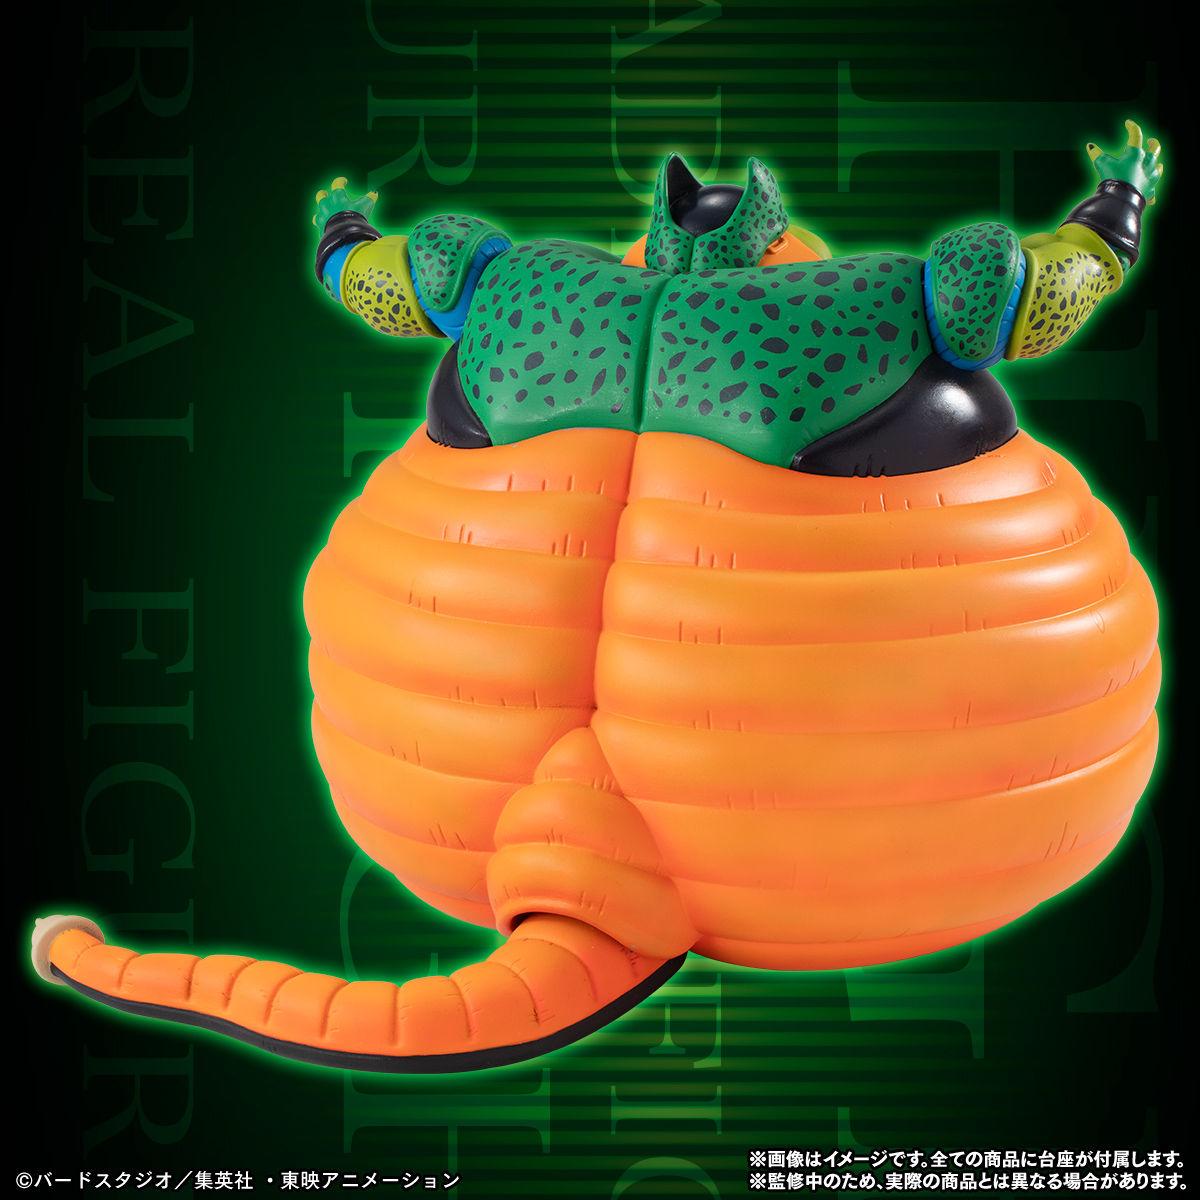 【限定販売】HGシリーズ『HG ドラゴンボール セル完全セット』全8種-009